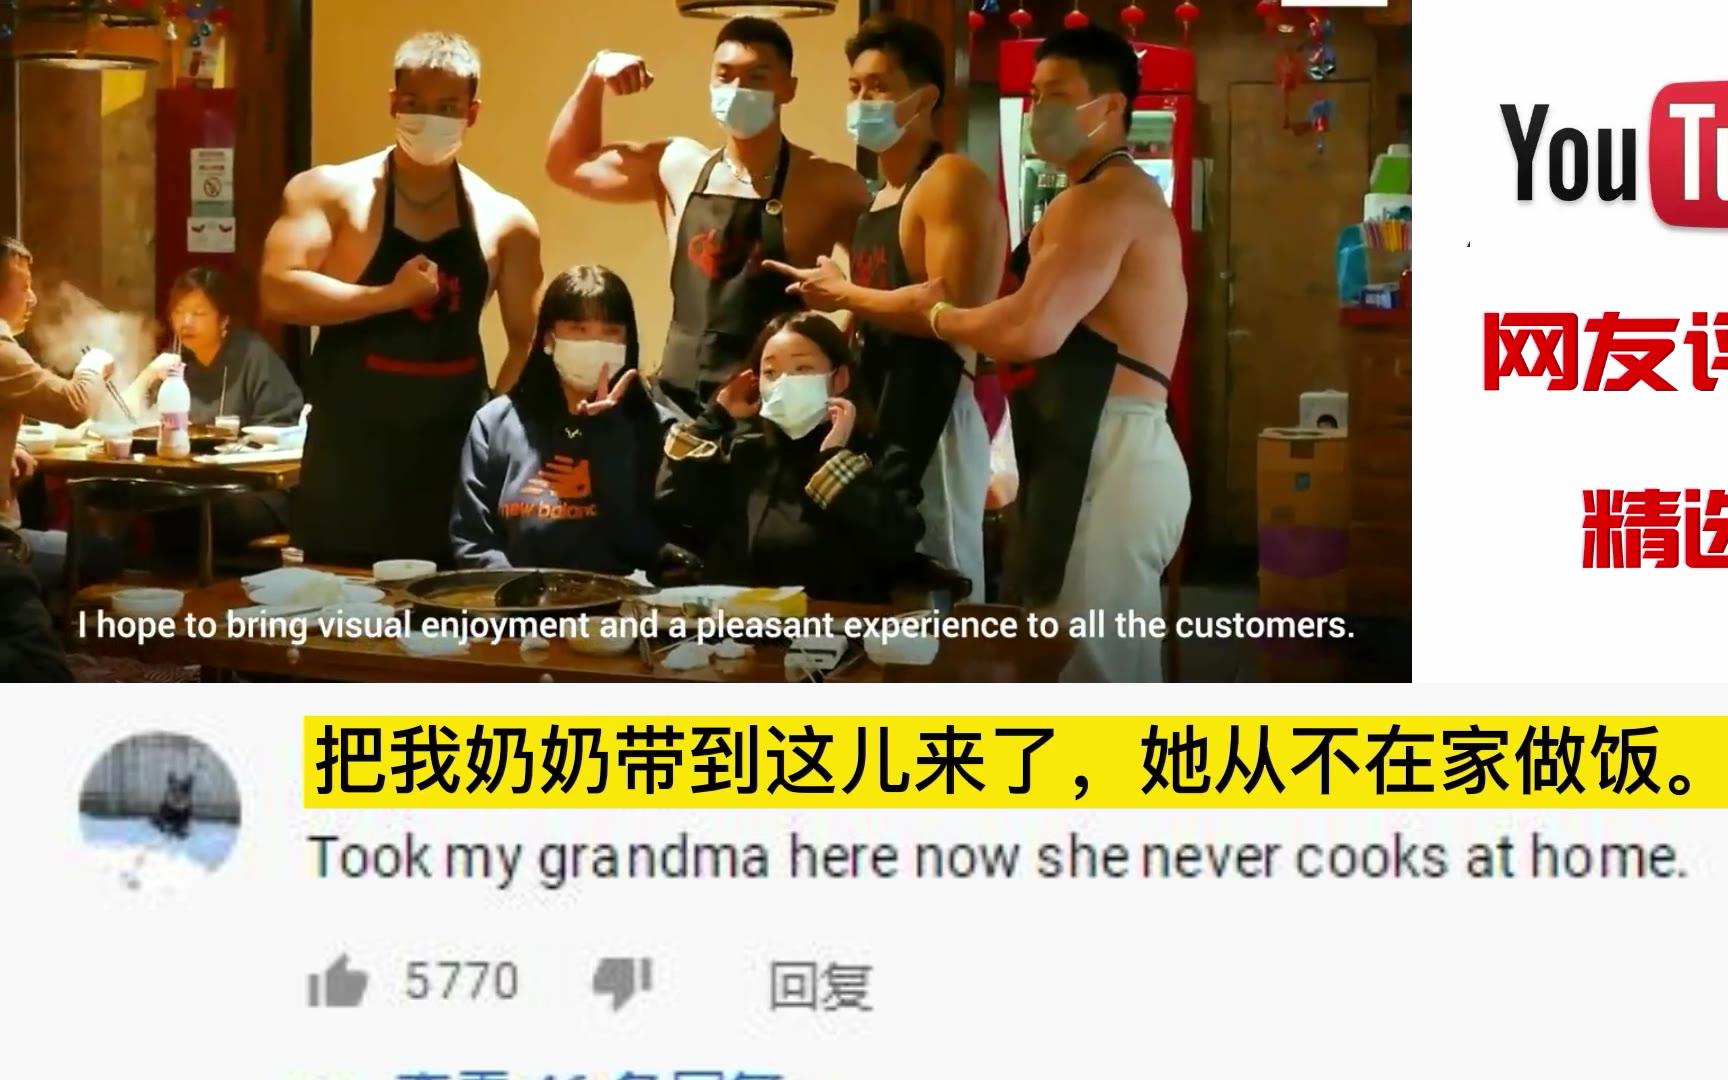 国外网友看中国猛男火锅店,直言九成客户肯定是女生